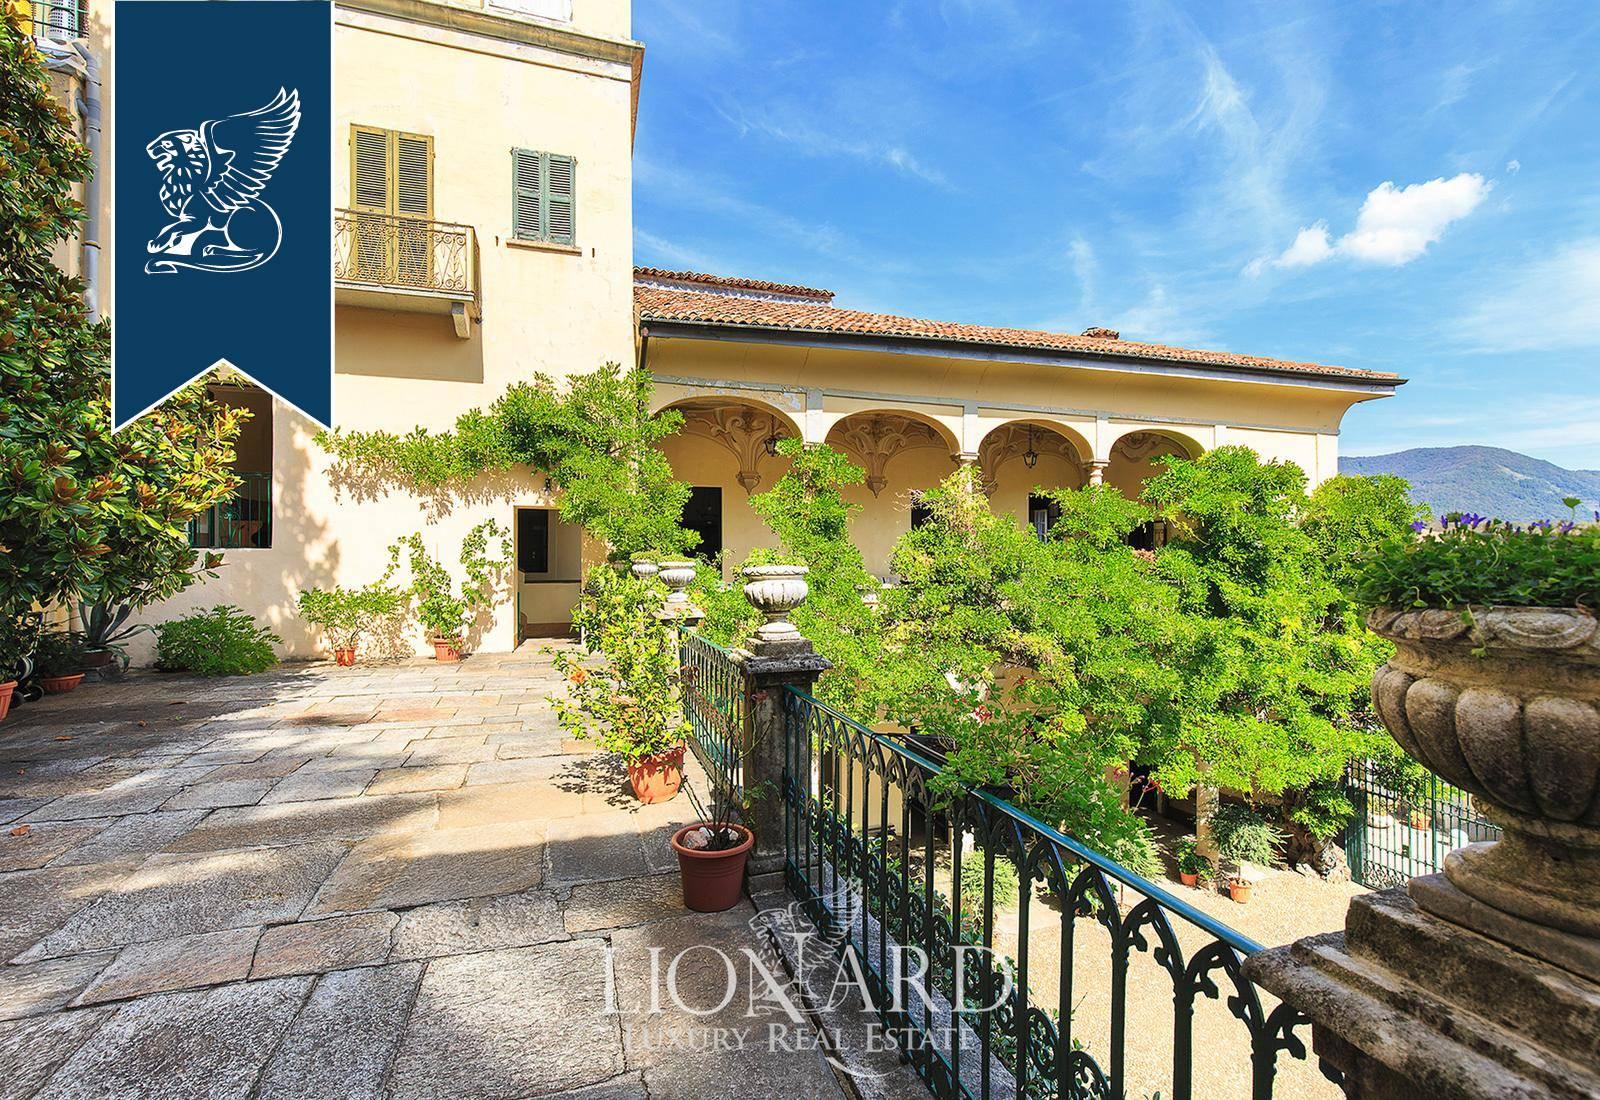 Palazzo in Vendita a Castello Cabiaglio: 0 locali, 1000 mq - Foto 7